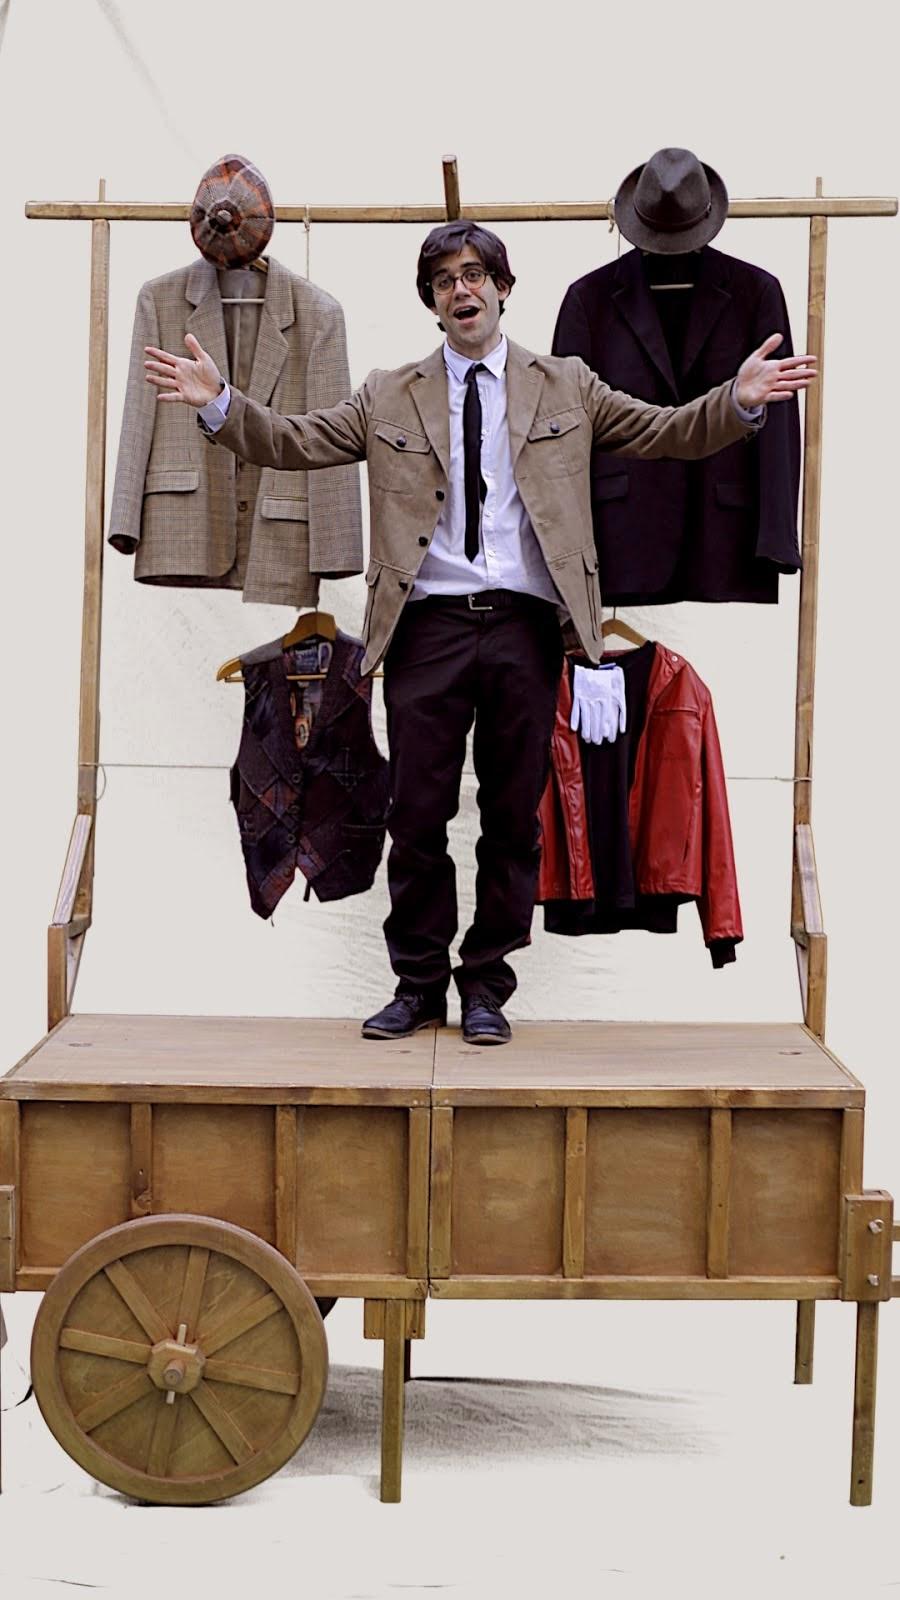 Matthias Martelli - Italia - Il mercante di monologhi